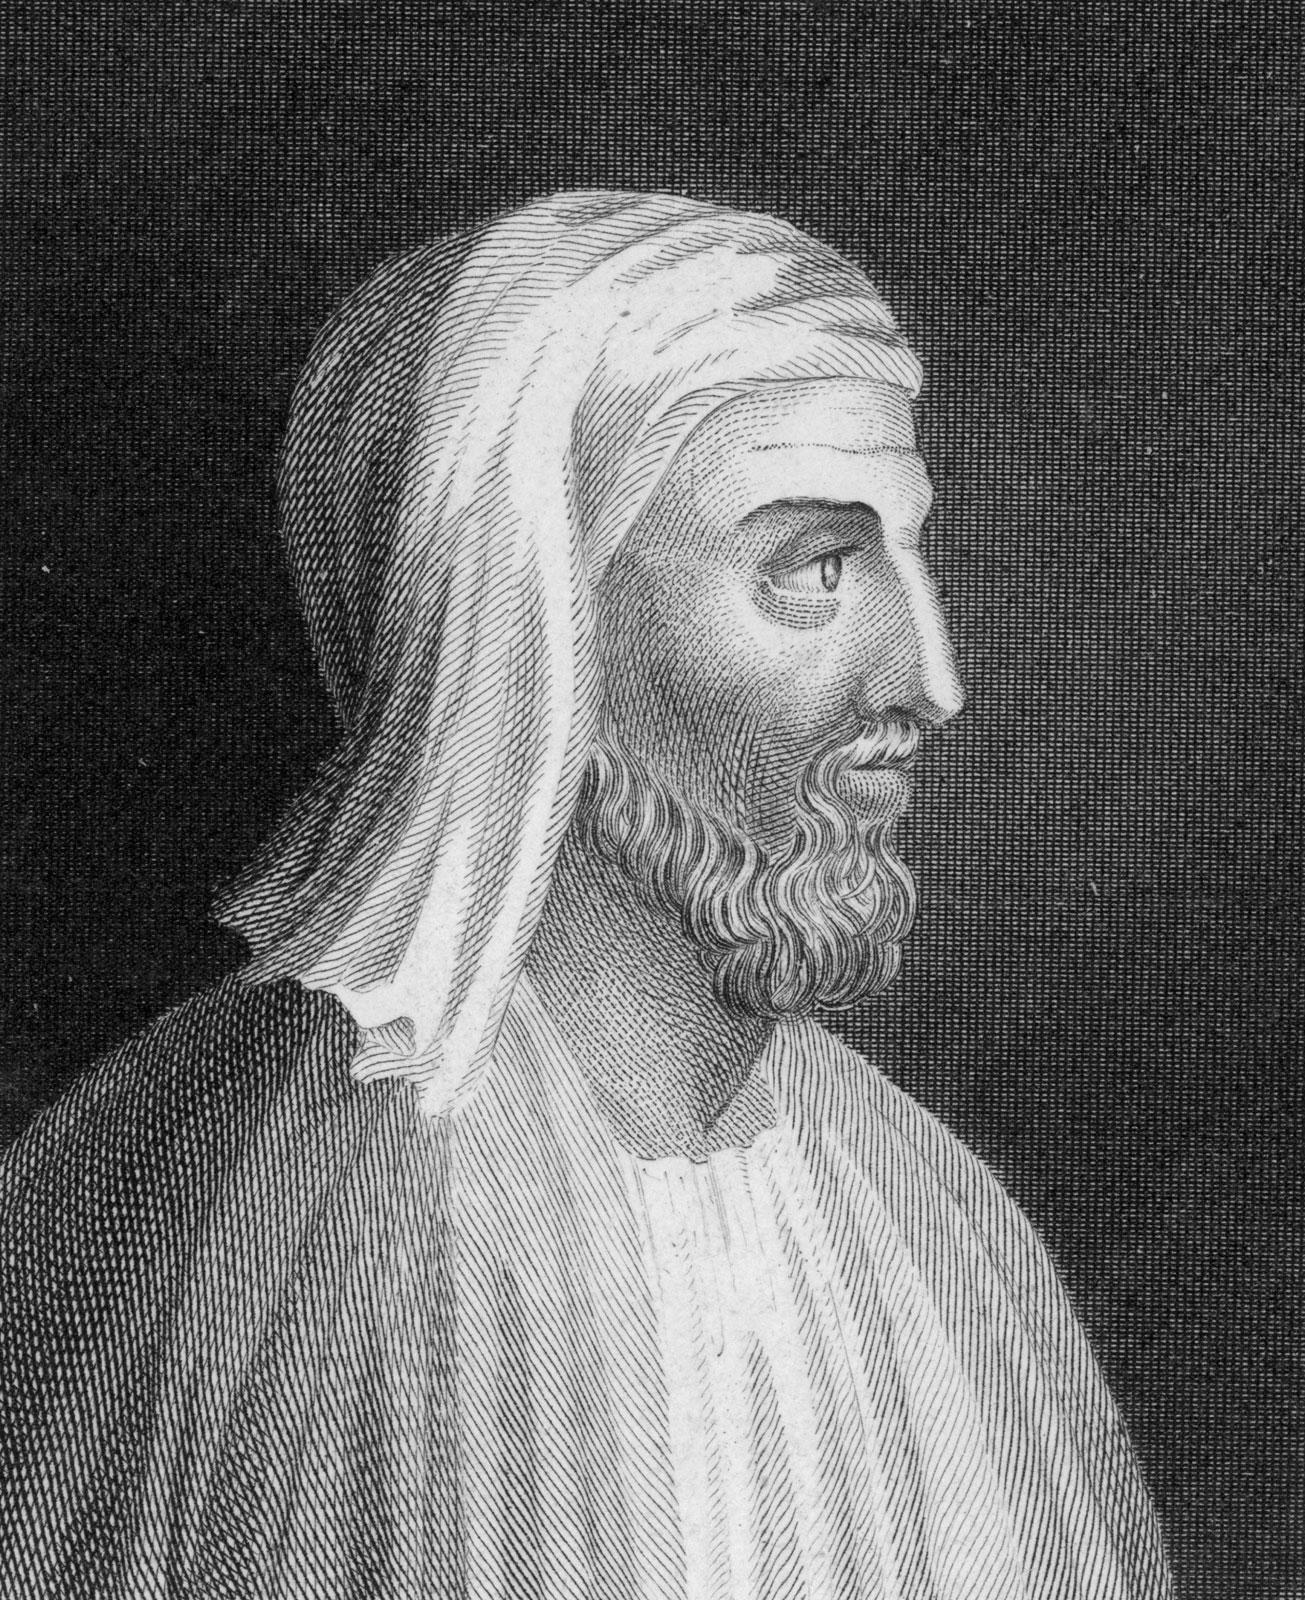 Ο Πλούταρχος (45 - 120) ήταν Έλληνας ιστορικός, βιογράφος, φιλόσοφος και δοκιμιογράφος.